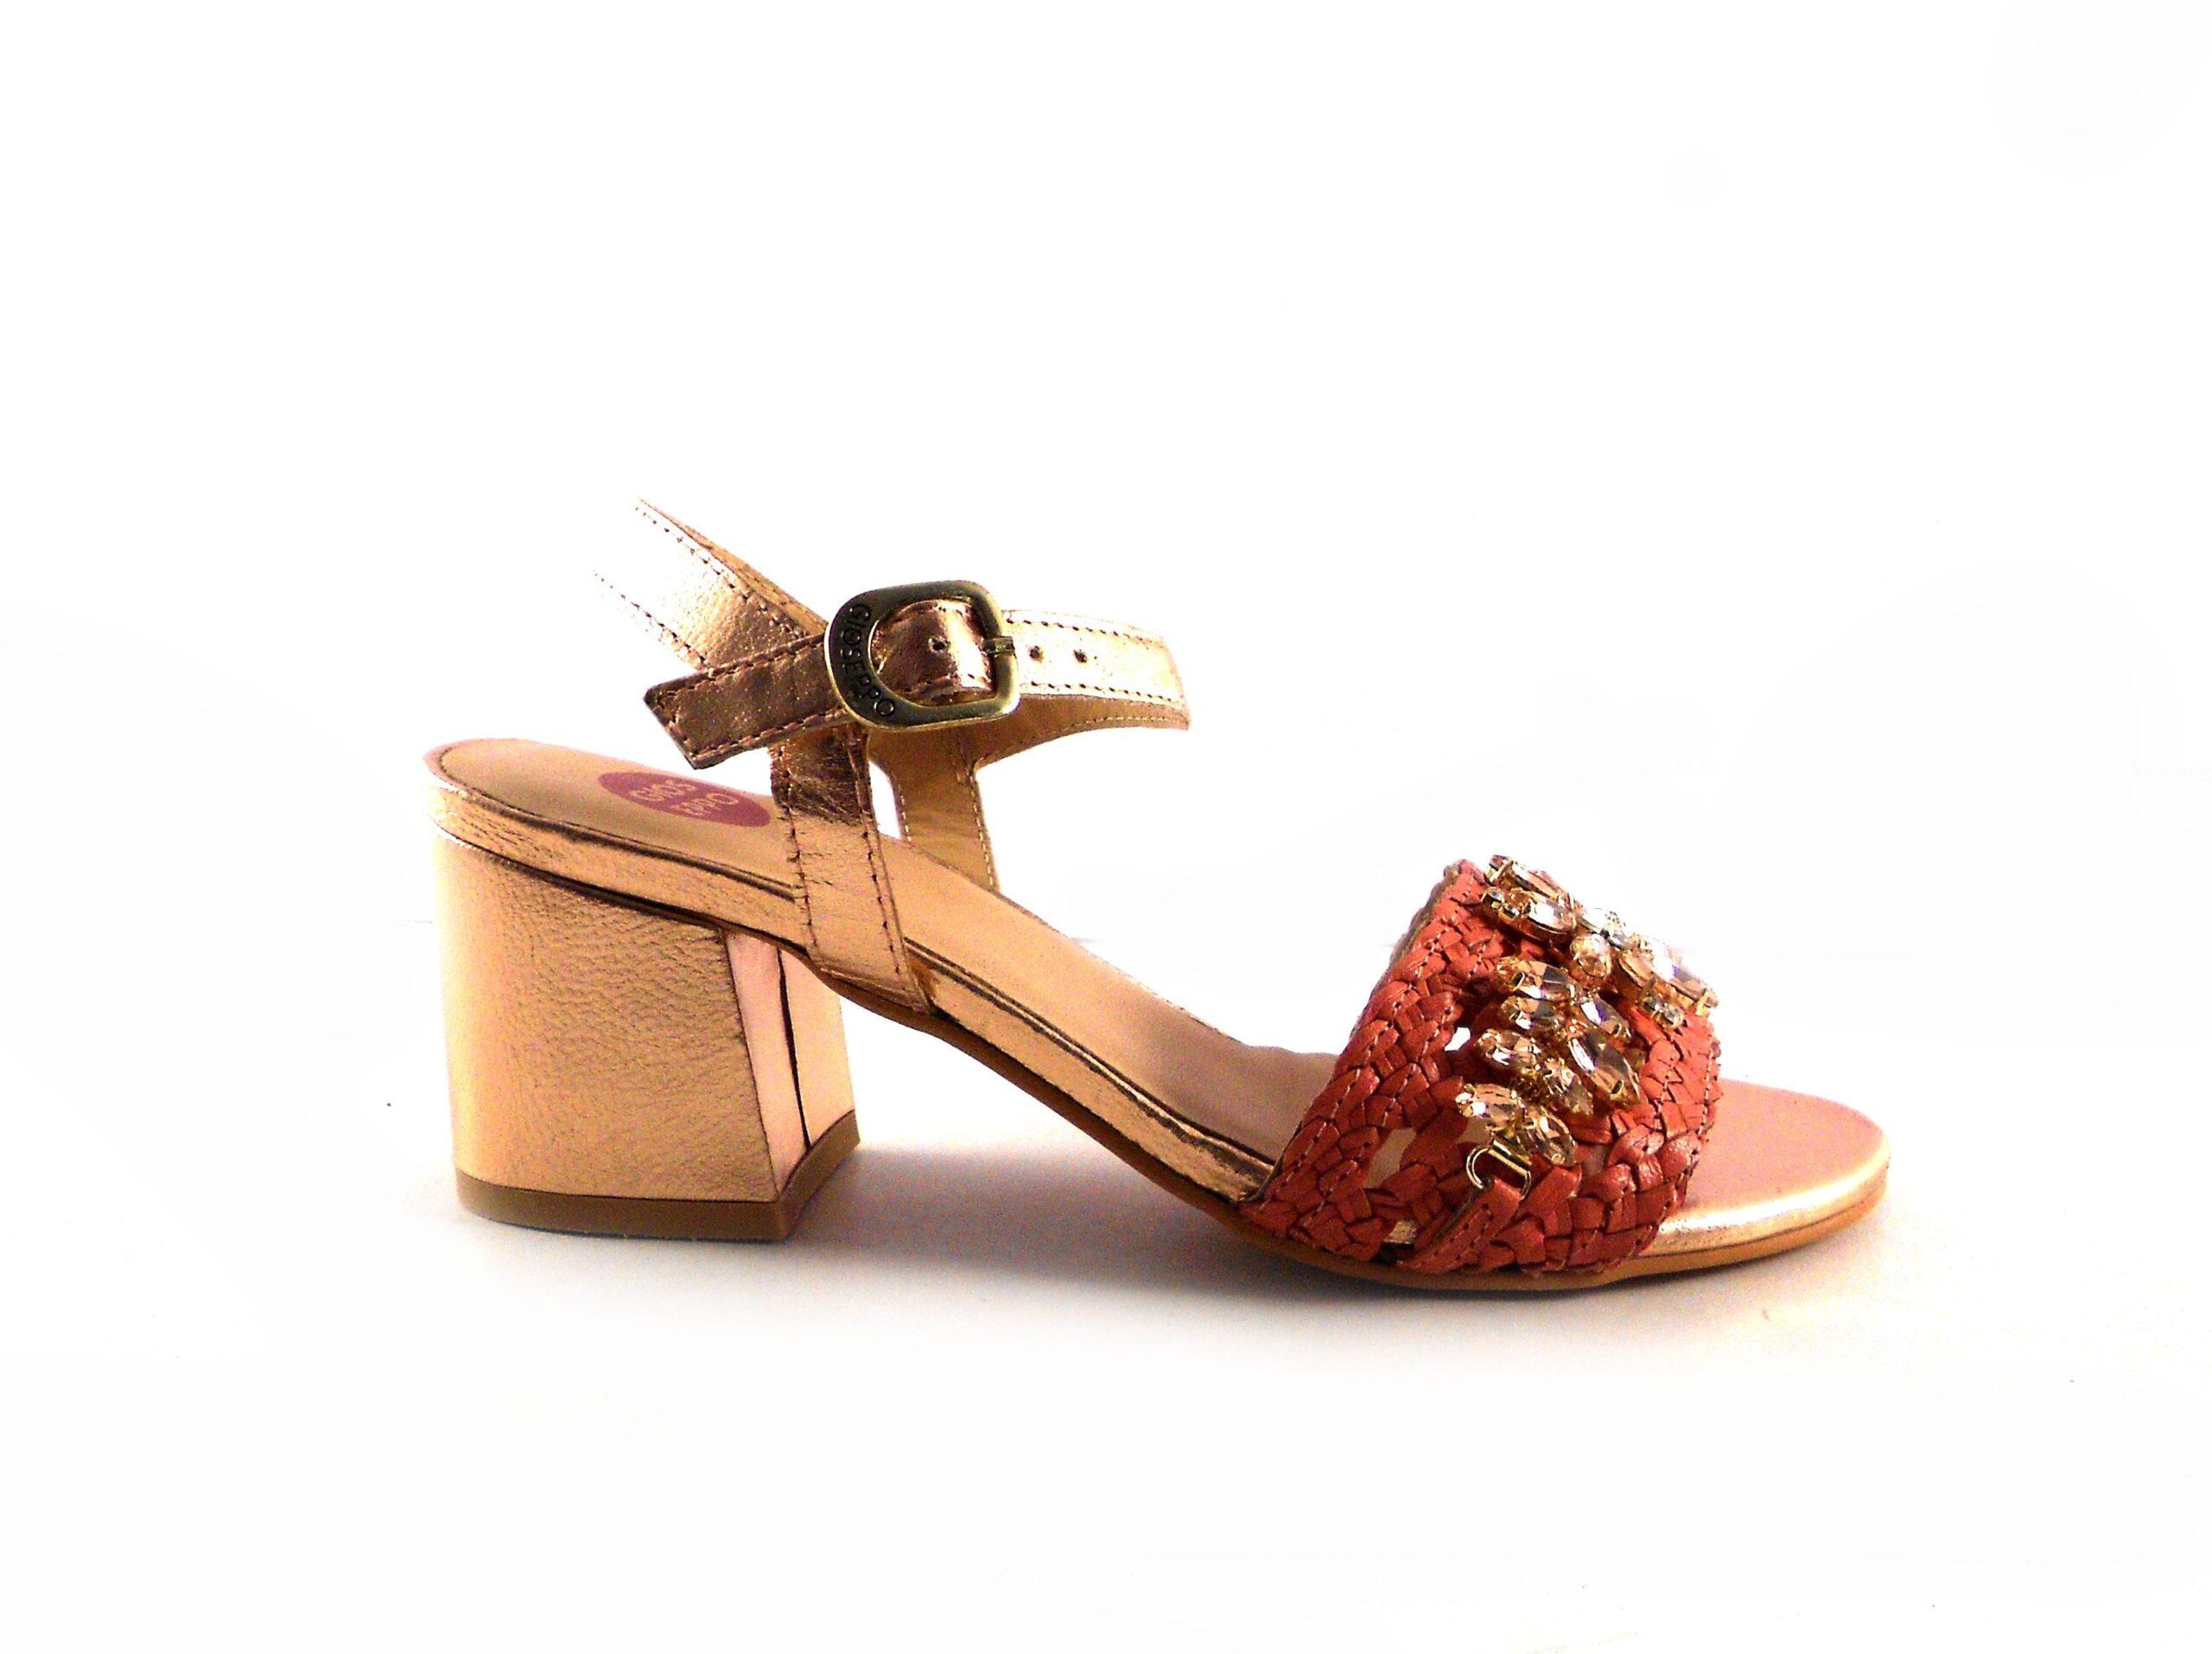 Sandalias Gioseppo coral con pedrería y tacón nude forrado